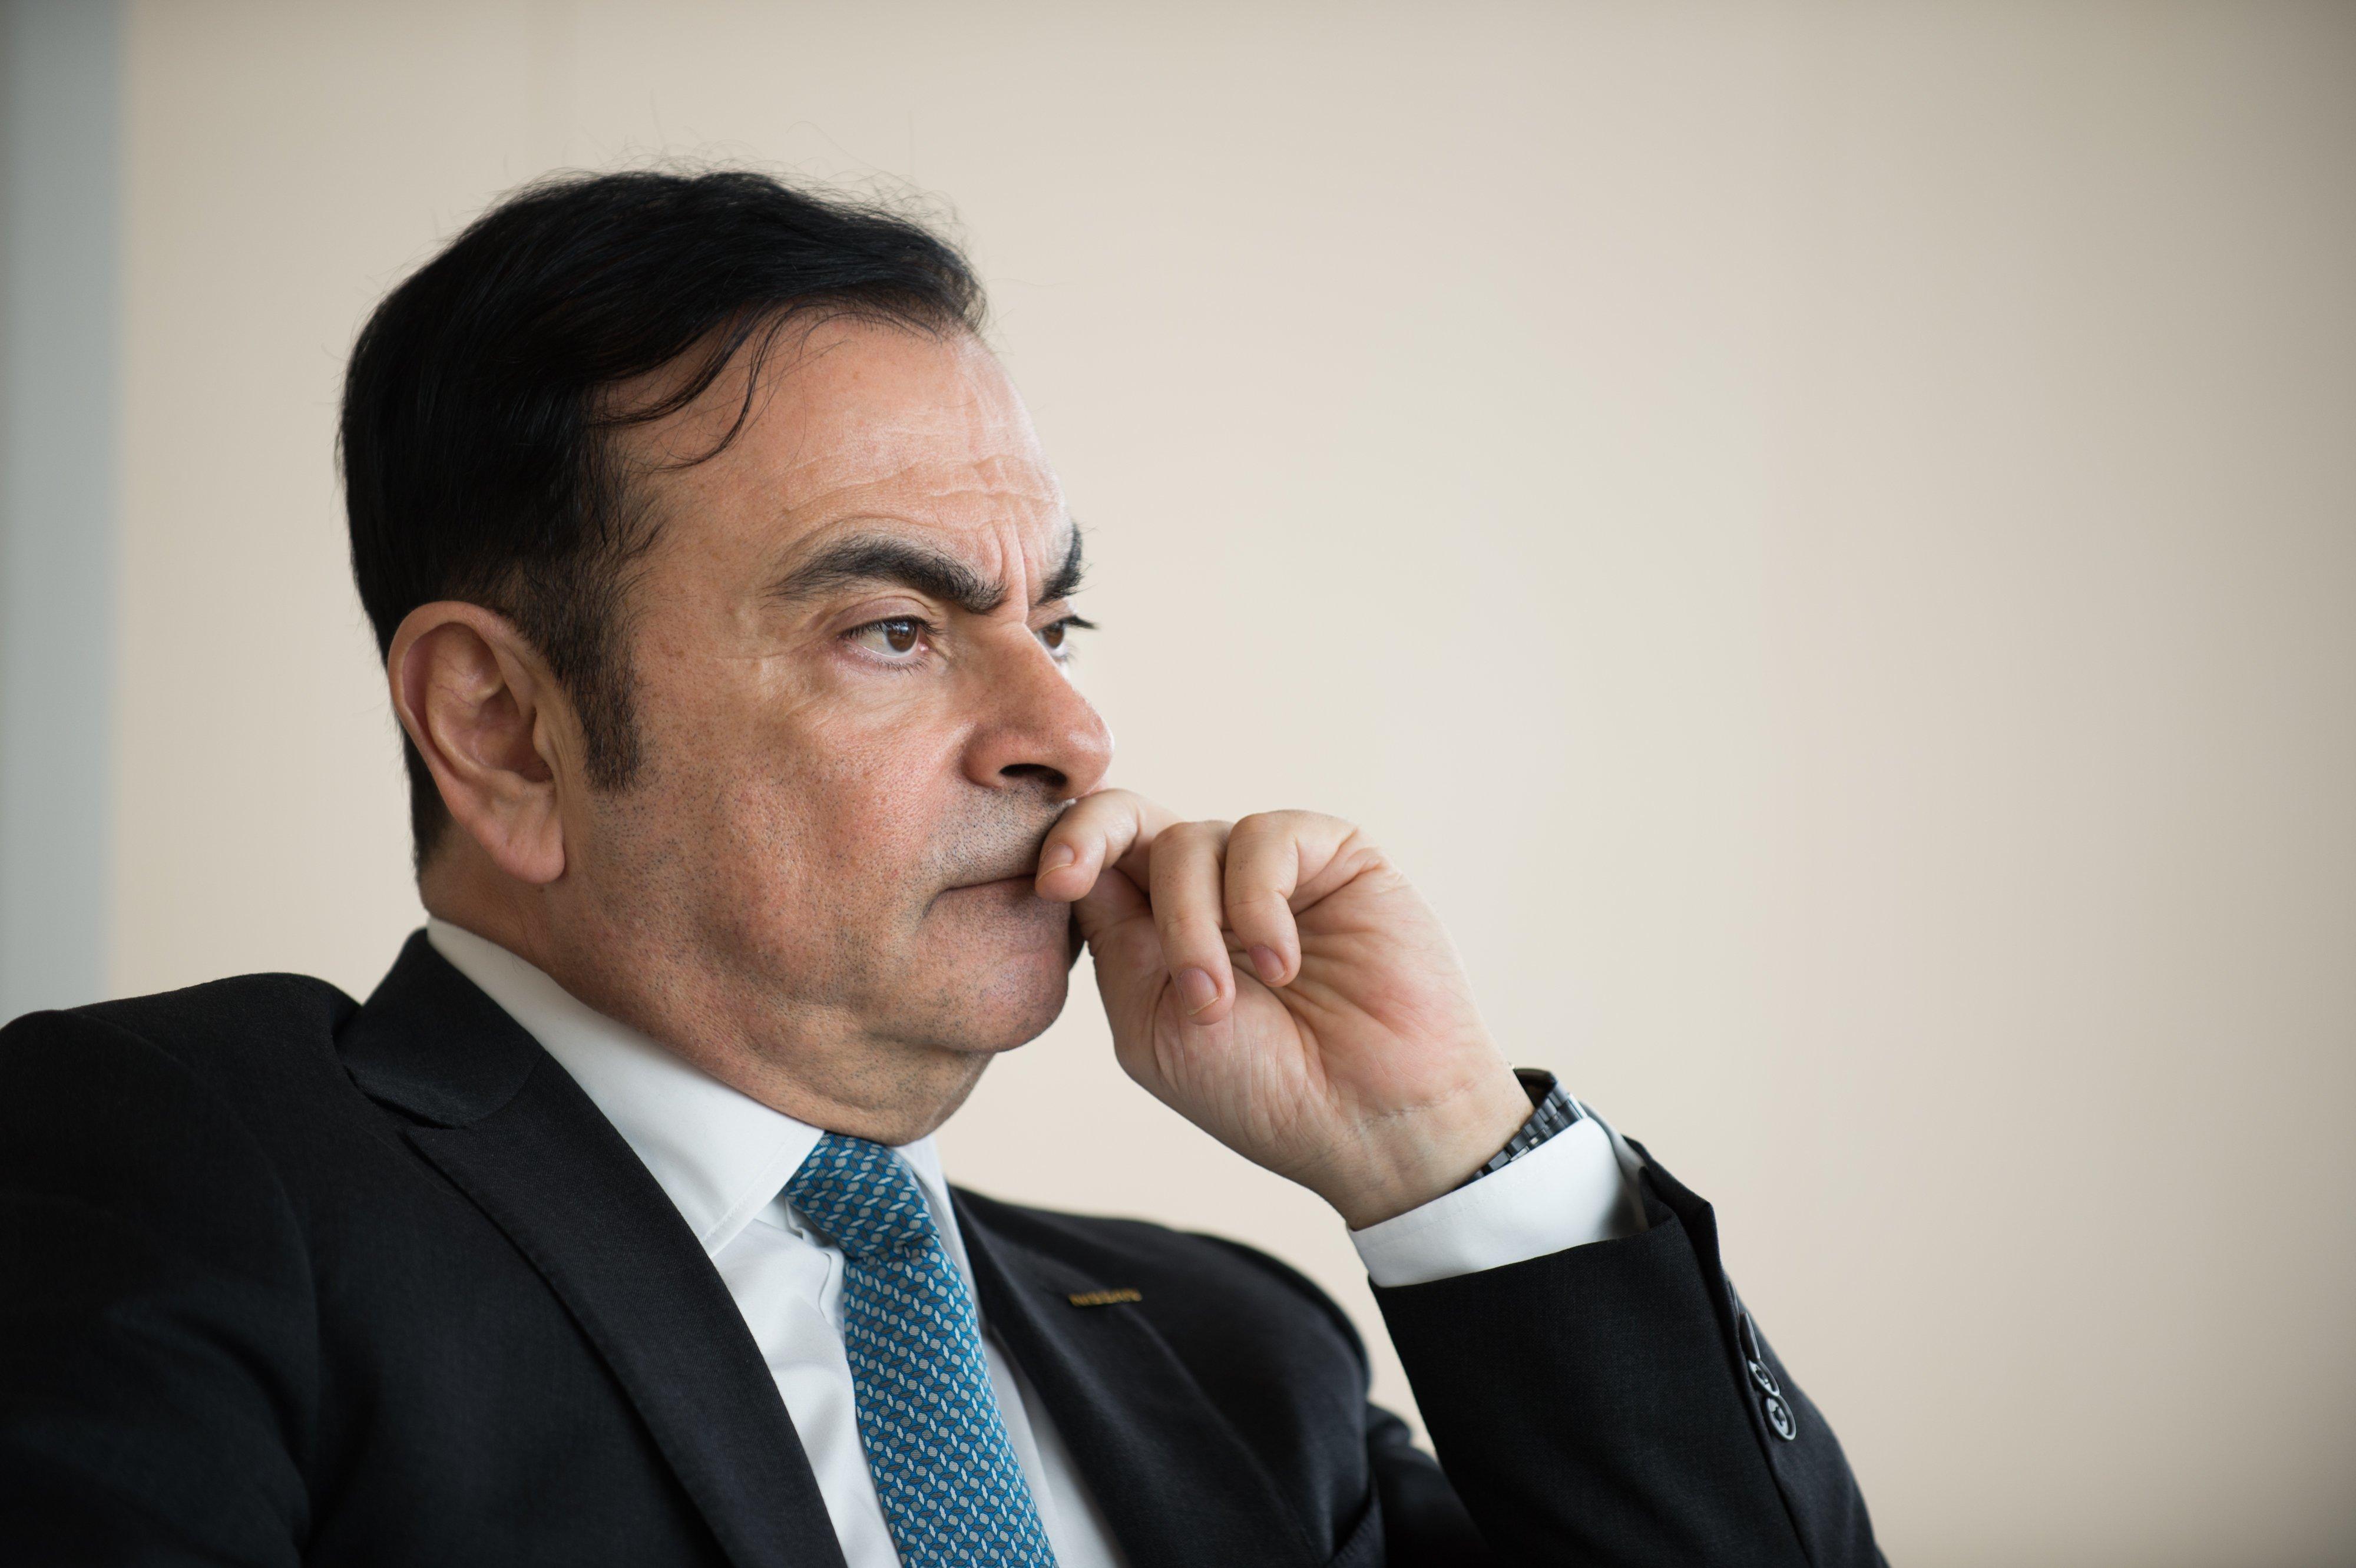 Seful aliantei Renault-Nissan a fost arestat la Tokyo. Carlos Ghosn a mintit in declaratia de venituri